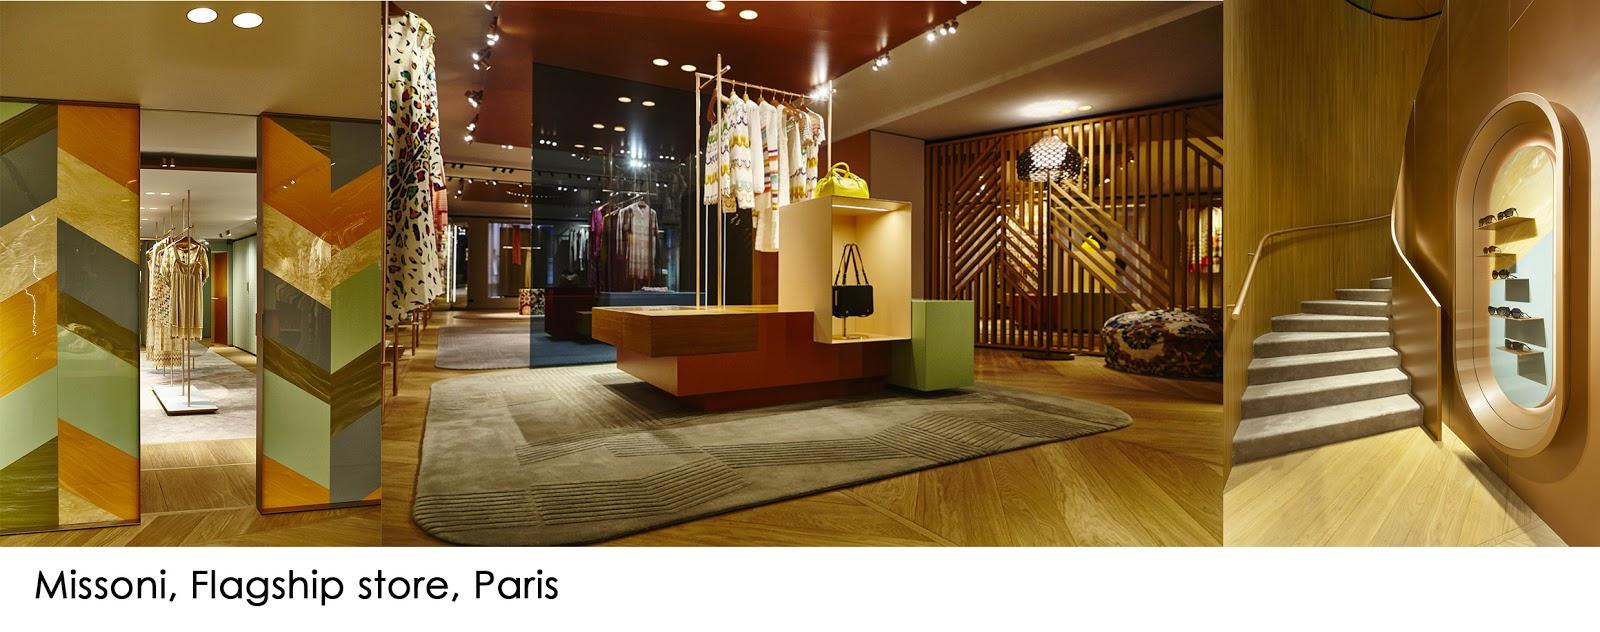 01dde1f37265 Patricia Urquiola ha sfruttato le texture ed i temi grafici ricorrenti  della griffe per il progetto di questa boutique parigina di circa 300 metri  quadrati ...